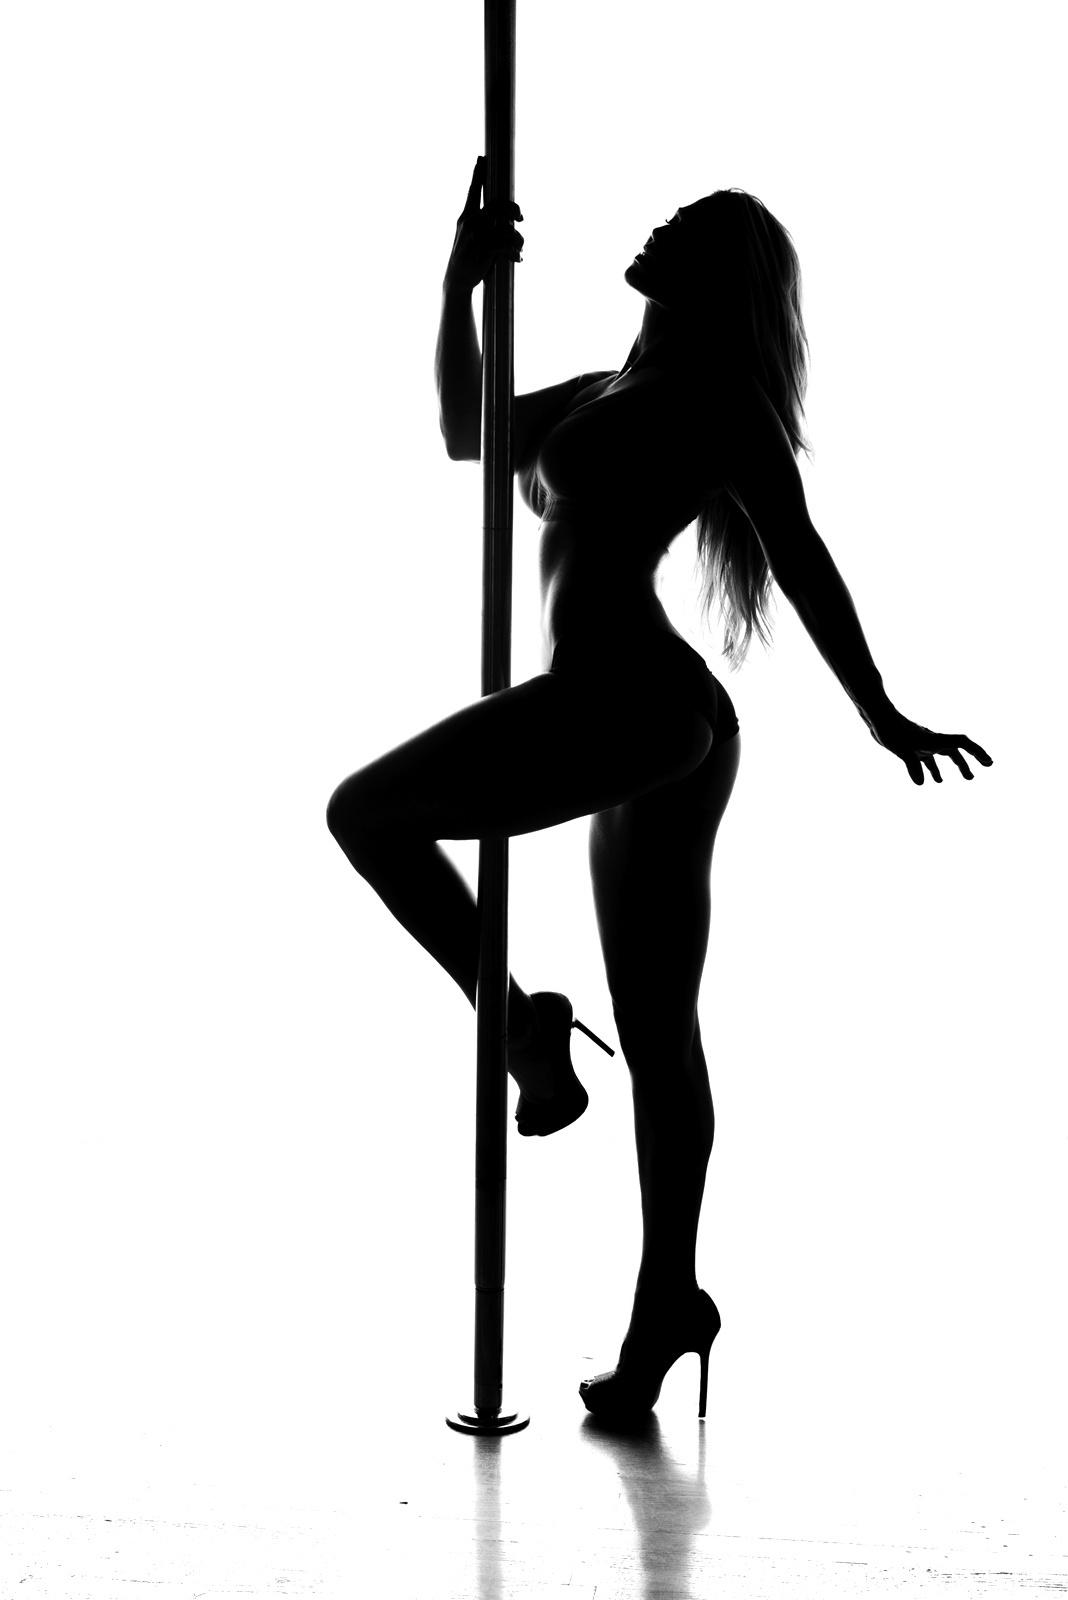 mary pole dance 2013-11web.jpg